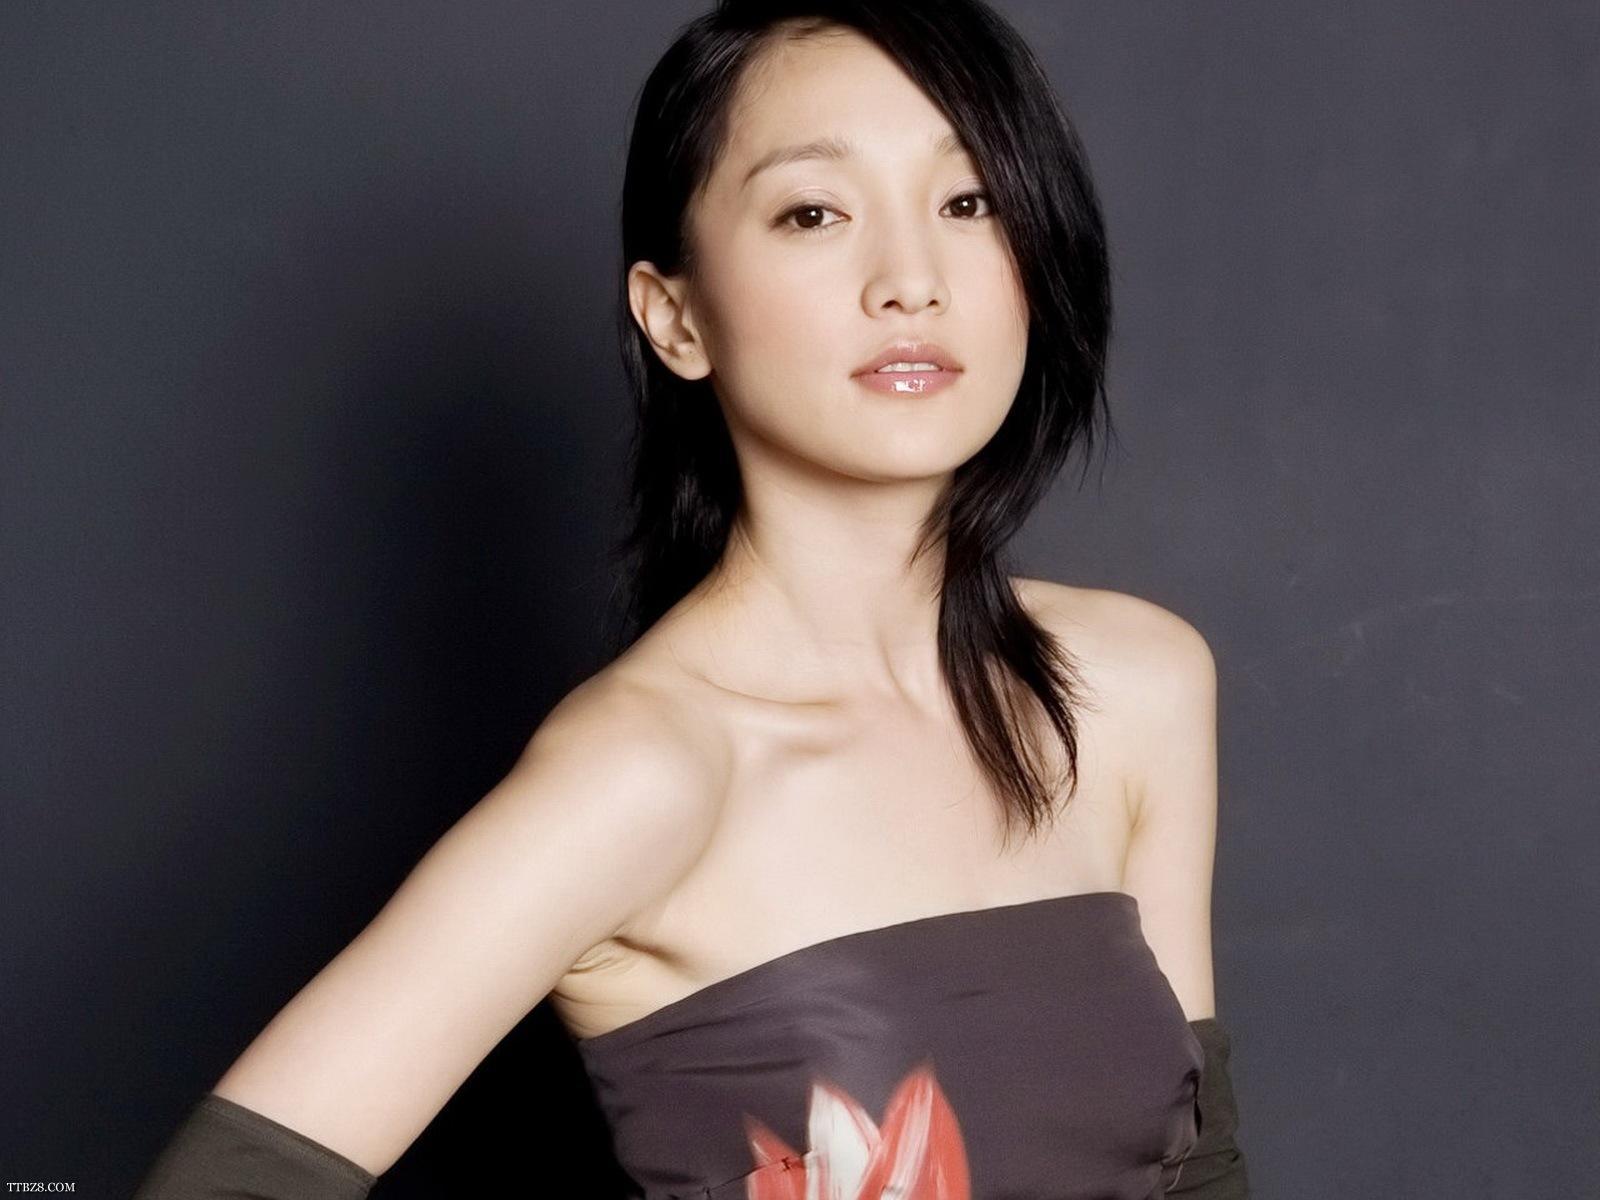 林志玲贾静雯都是74出生,同龄女明星,还有徐静蕾和她